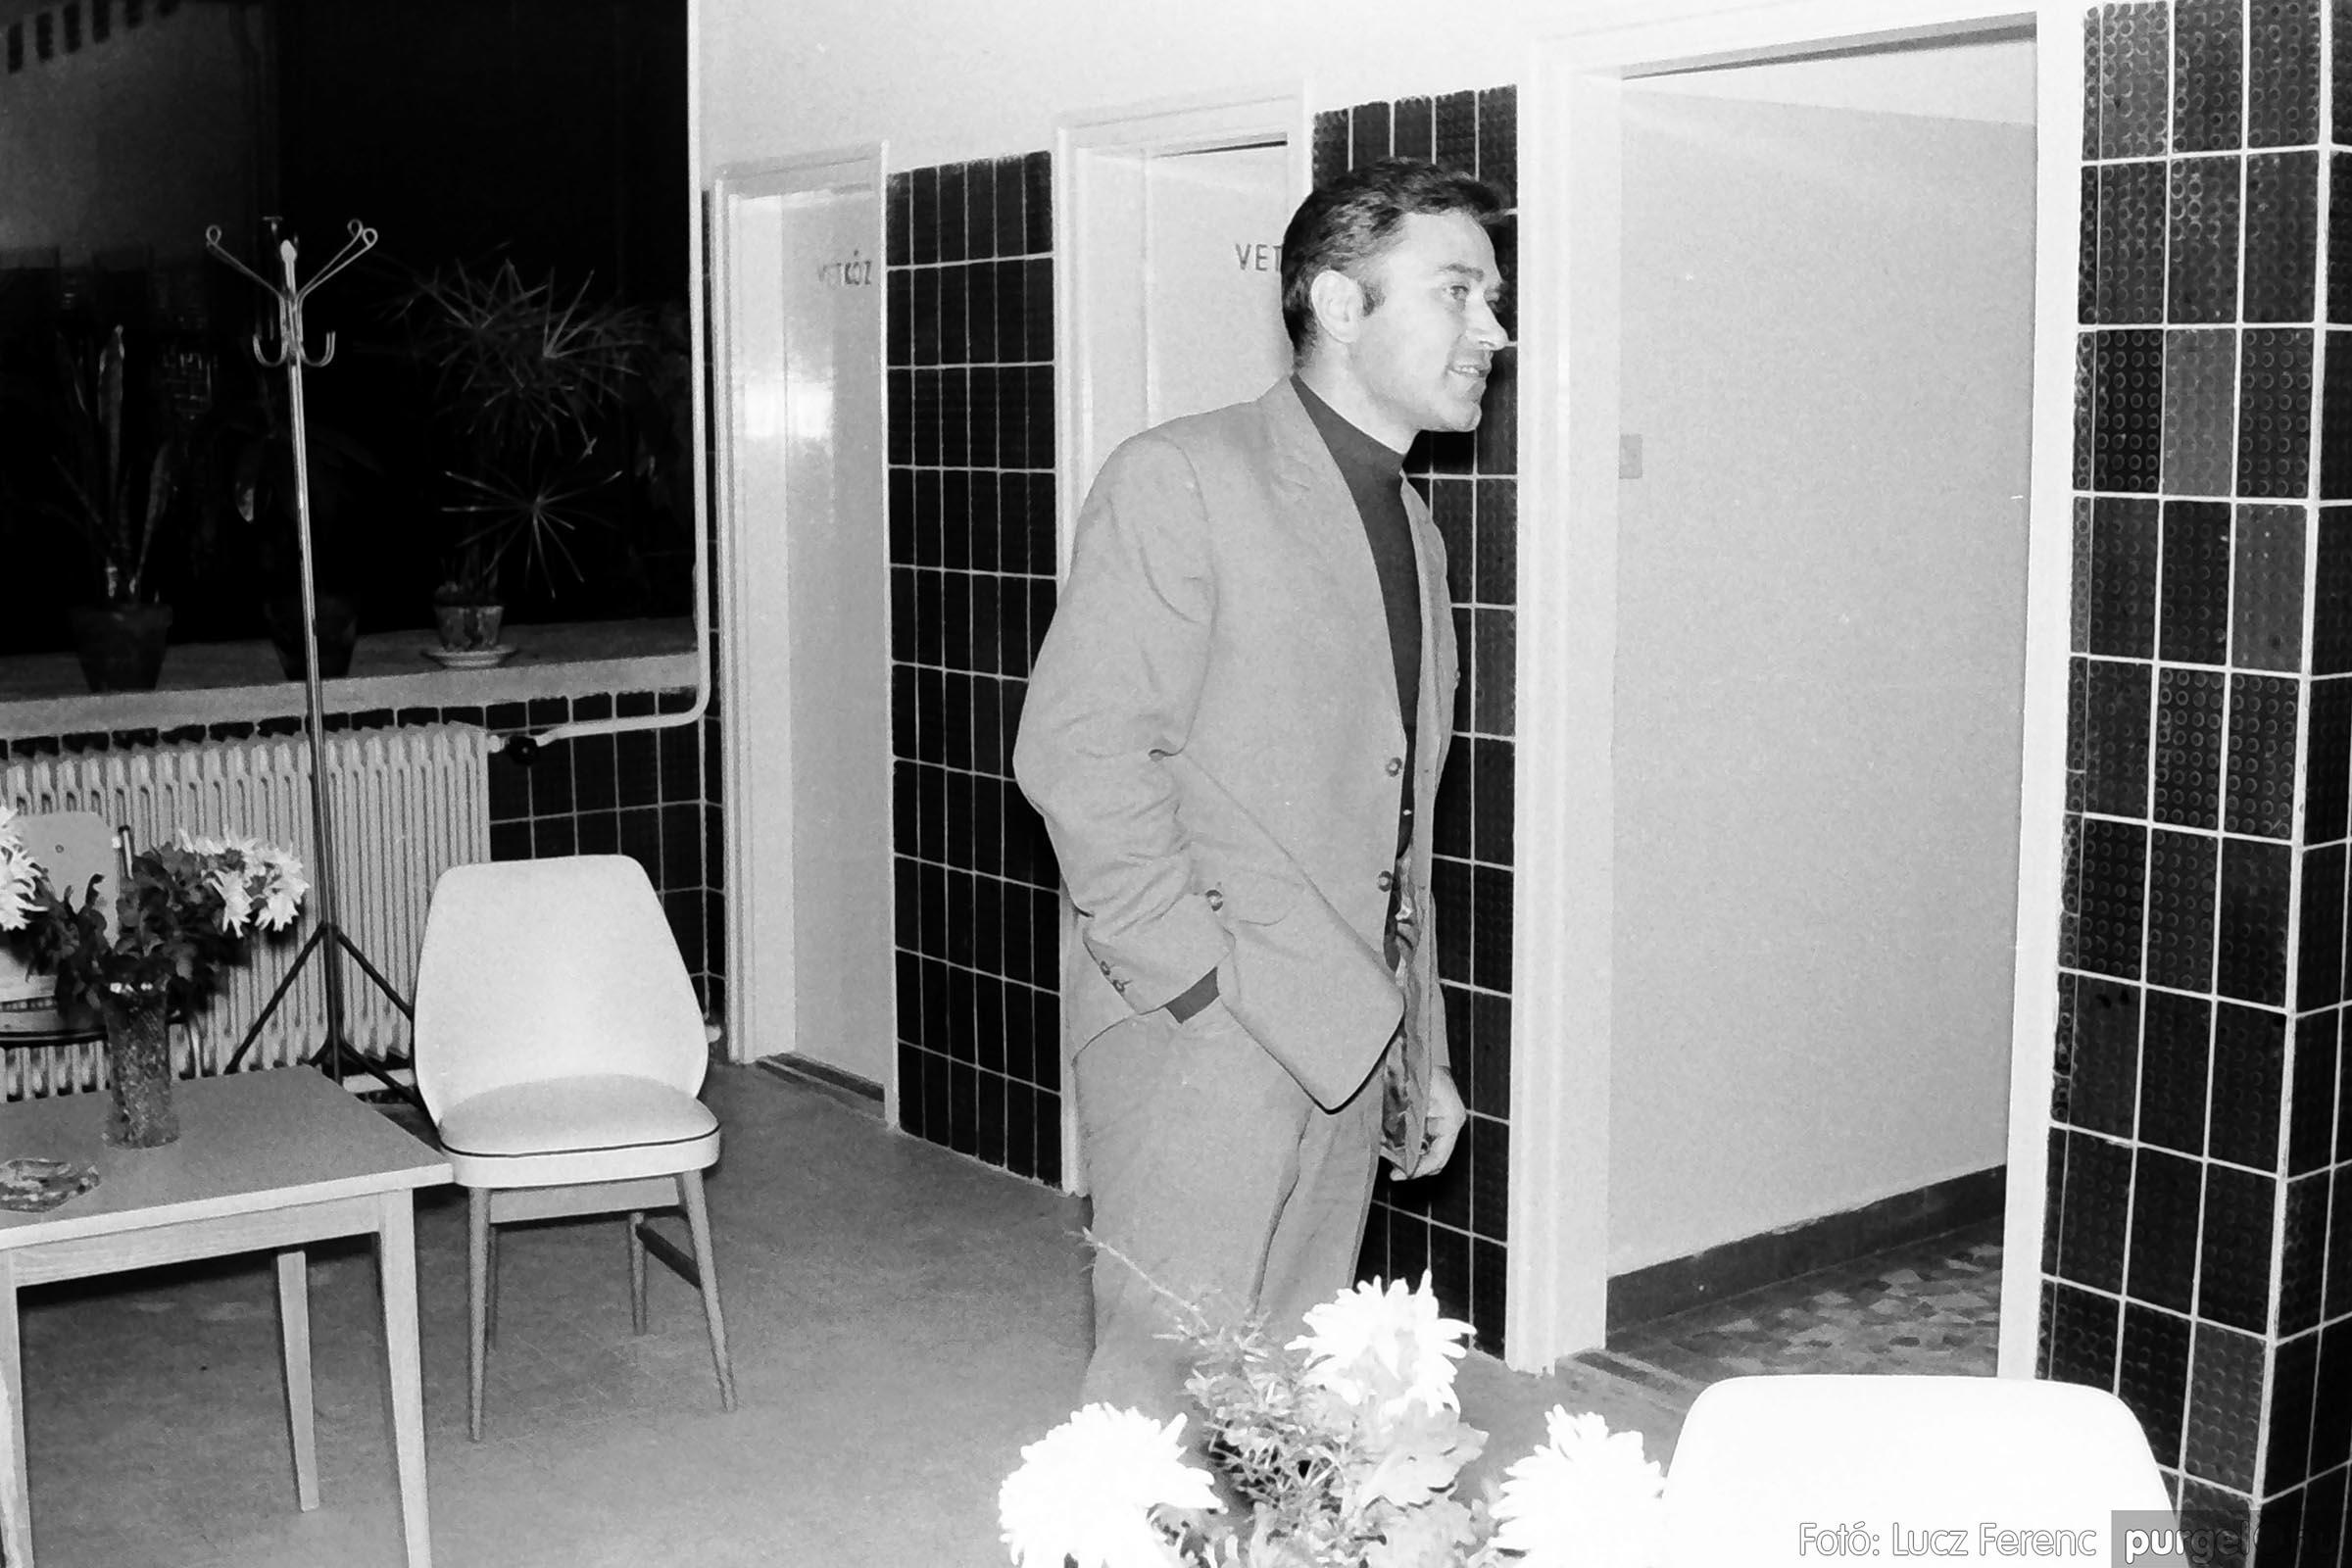 002 1970-es évek - Orvosi rendelő épületének átadása 021 - Fotó: Lucz Ferenc - IMG01119q.jpg